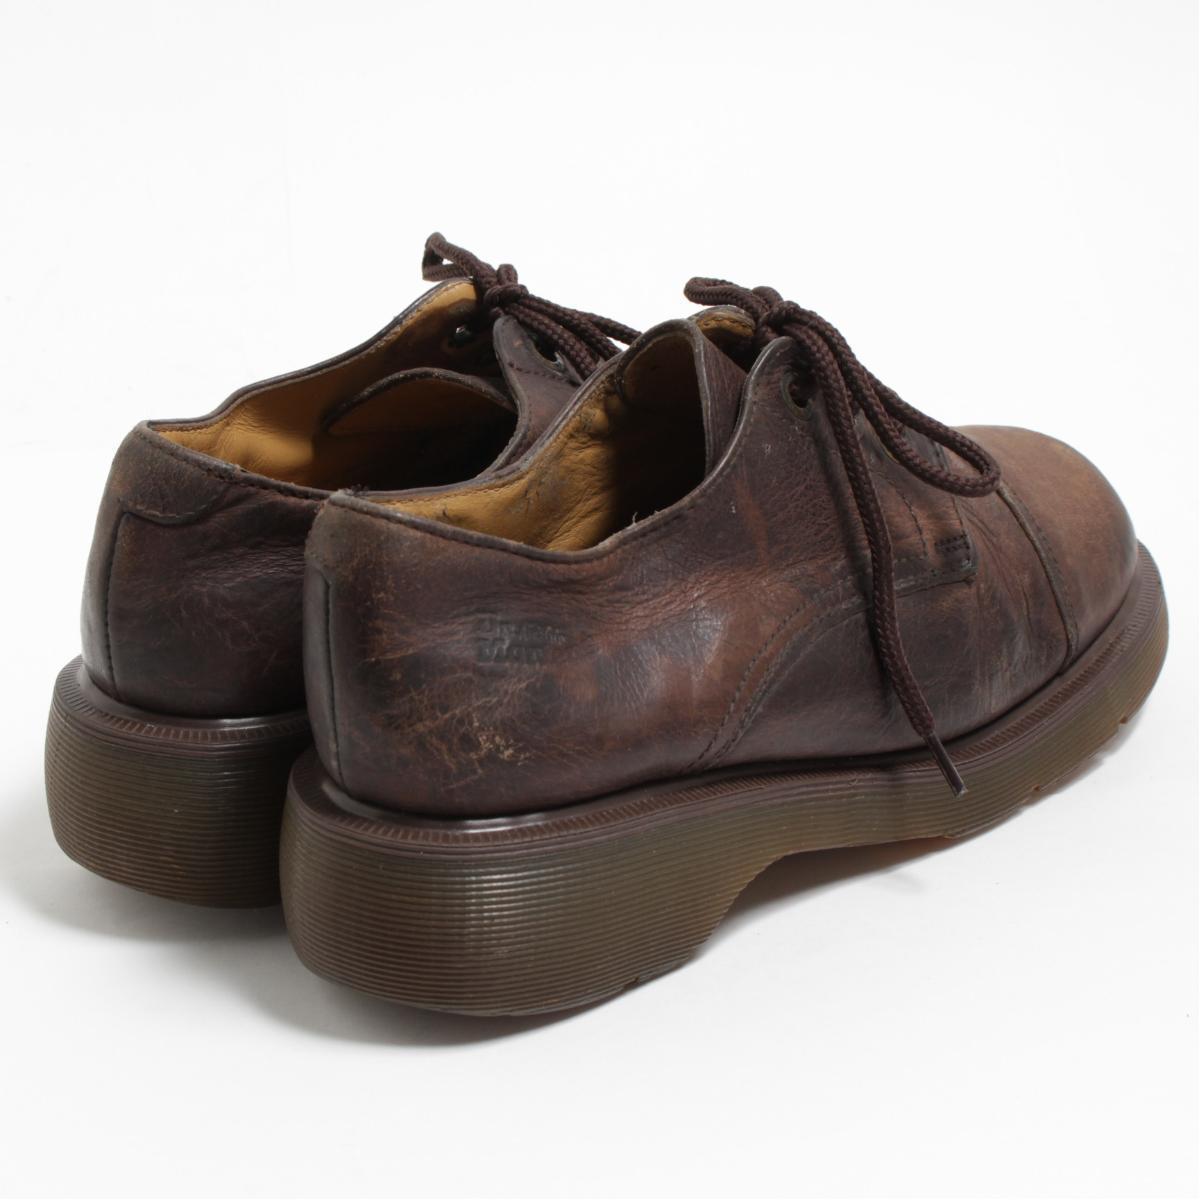 UK7 men 25.5cm /bom7240 made in the doctor Martin Dr.Martens 3 hall shoes U.K.